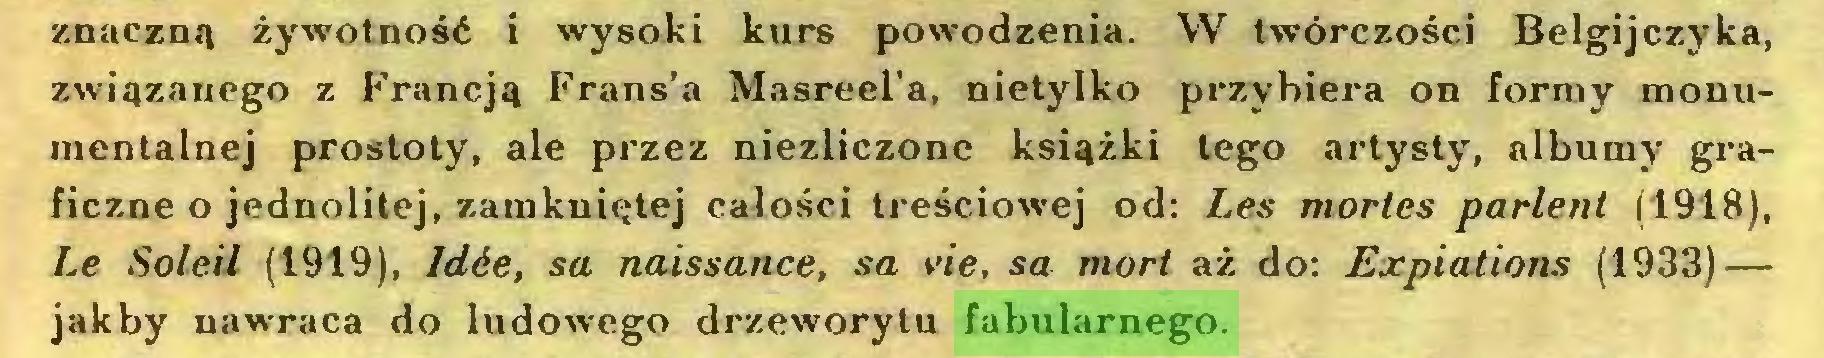 (...) znaczną żywotność i wysoki kurs powodzenia. W twórczości Belgijczyka, związanego z Francją Frans'a Masreel'a, nietylko przybiera on formy monumentalnej prostoty, ale przez niezliczone książki tego artysty, albumy graficzne o jednolitej, zamkniętej całości treściowej od: Les mortes parlent (1918), Le Soleil (1919), Idée, sa naissance, sa vie, sa mort aż do: Expiations (1933) — jakby nawraca do ludowego drzeworytu fabularnego...